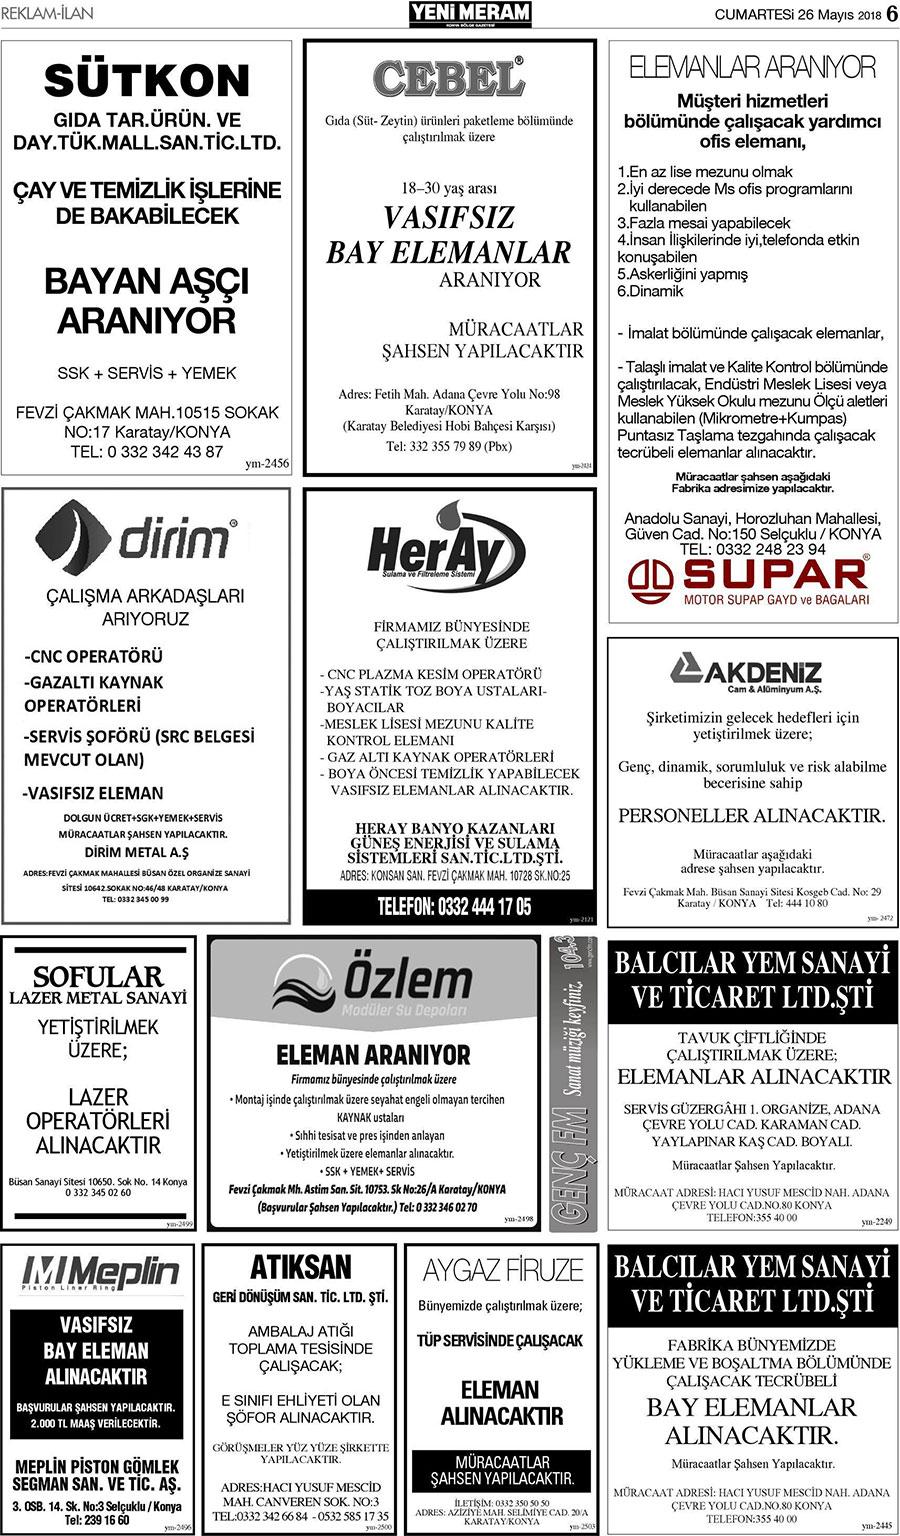 26 Mayis 2018 Yeni Meram Gazetesi Sayfa 6 12 Yeni Meram